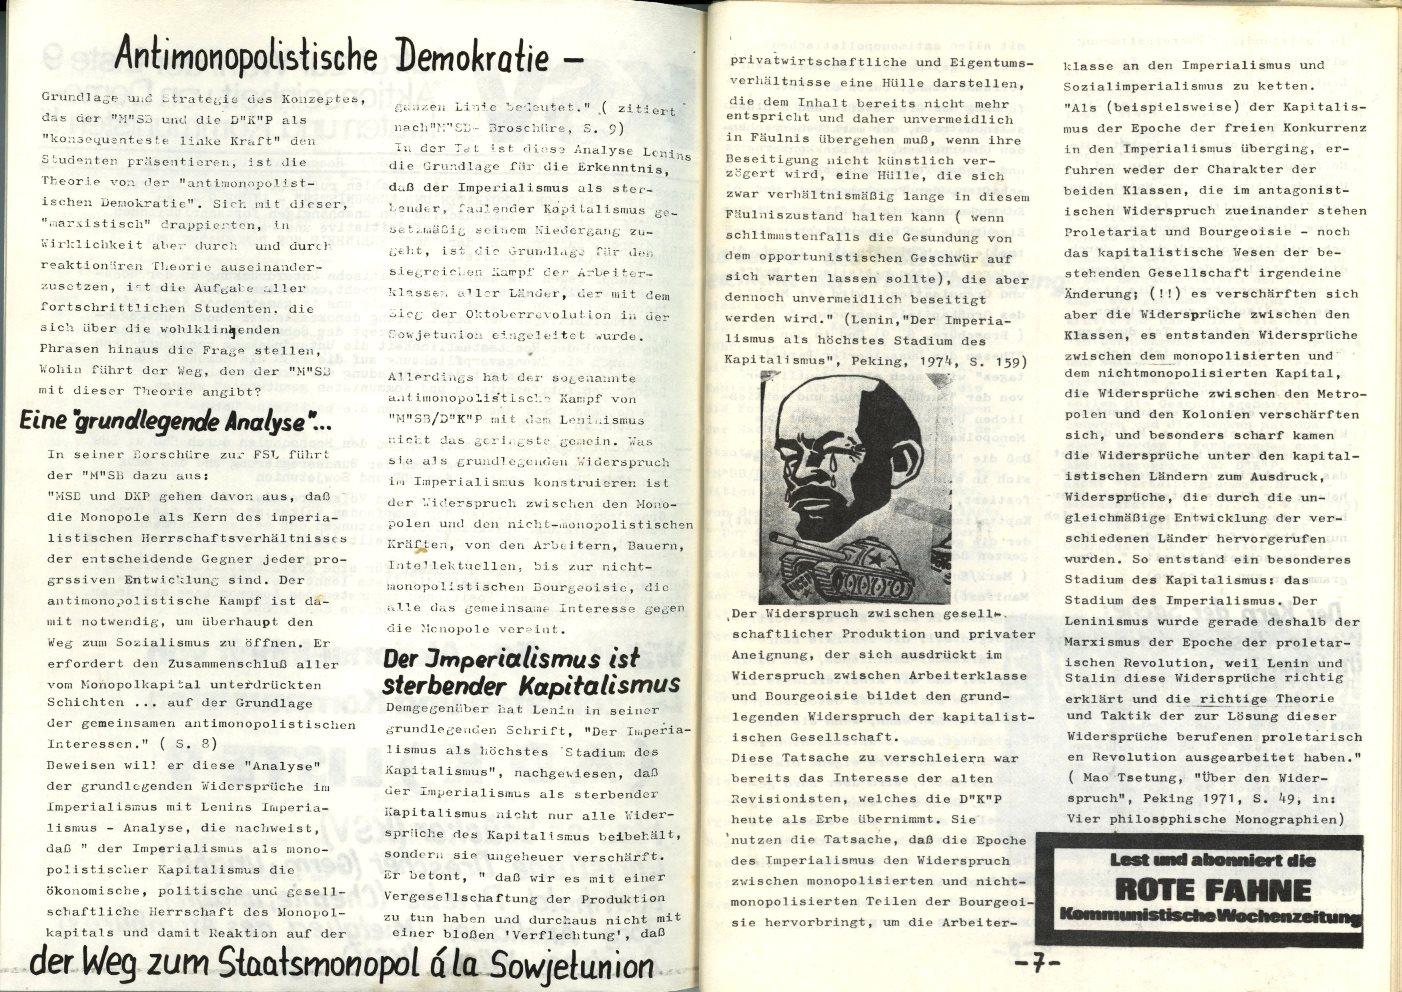 NRW_KSV_1977_Doku_zu_den_AStA_Wahlen_Nr_2_04